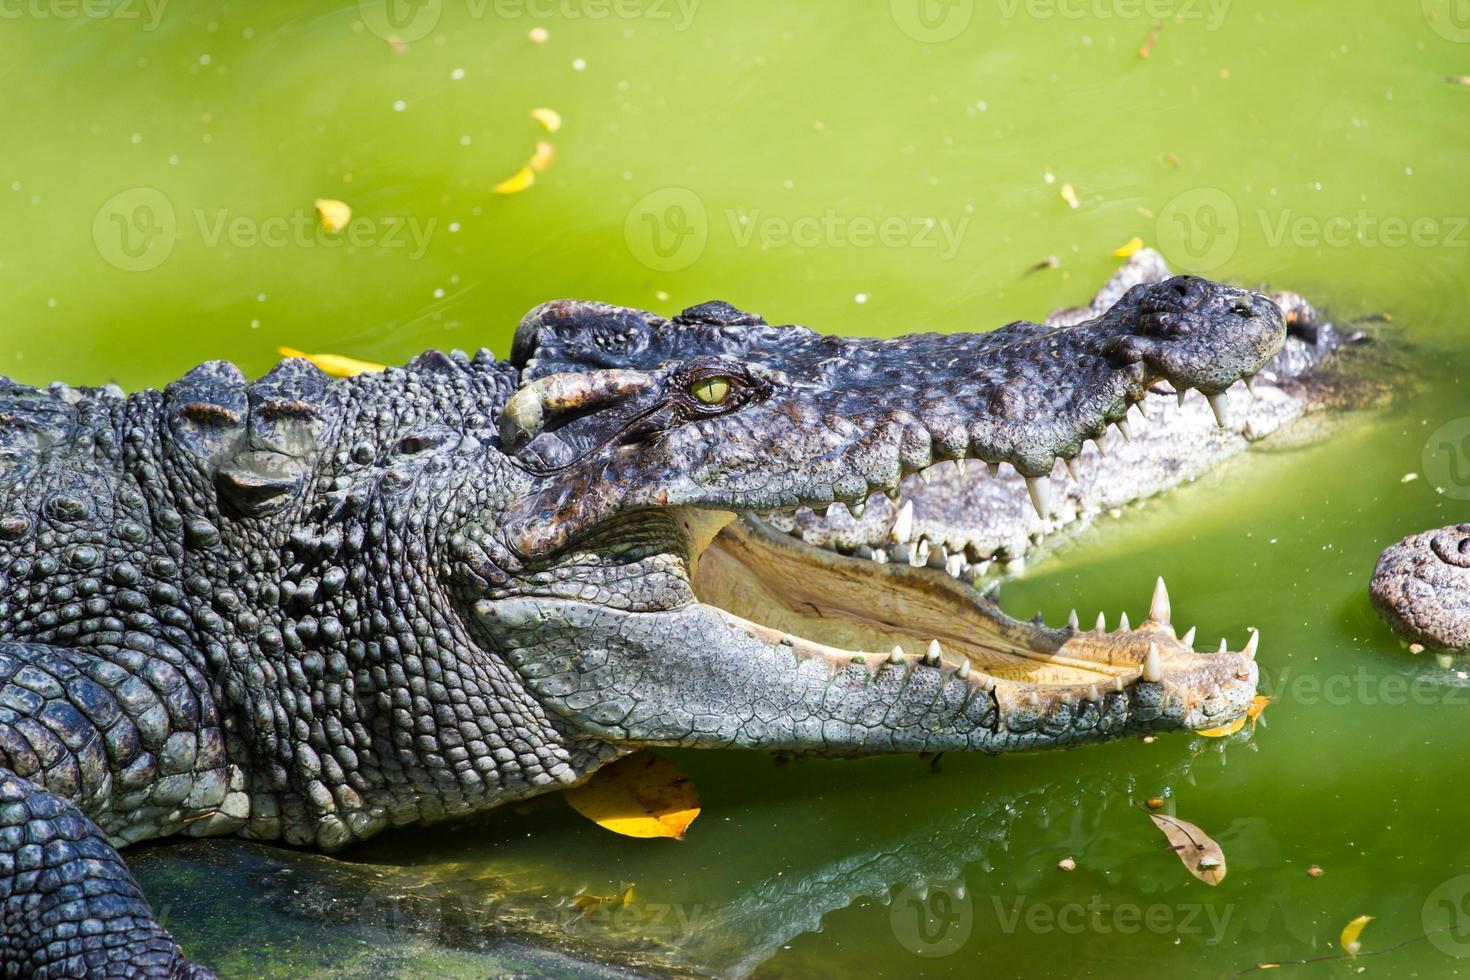 Fauna cocodrilo boca abierta aislado sobre fondo blanco. foto